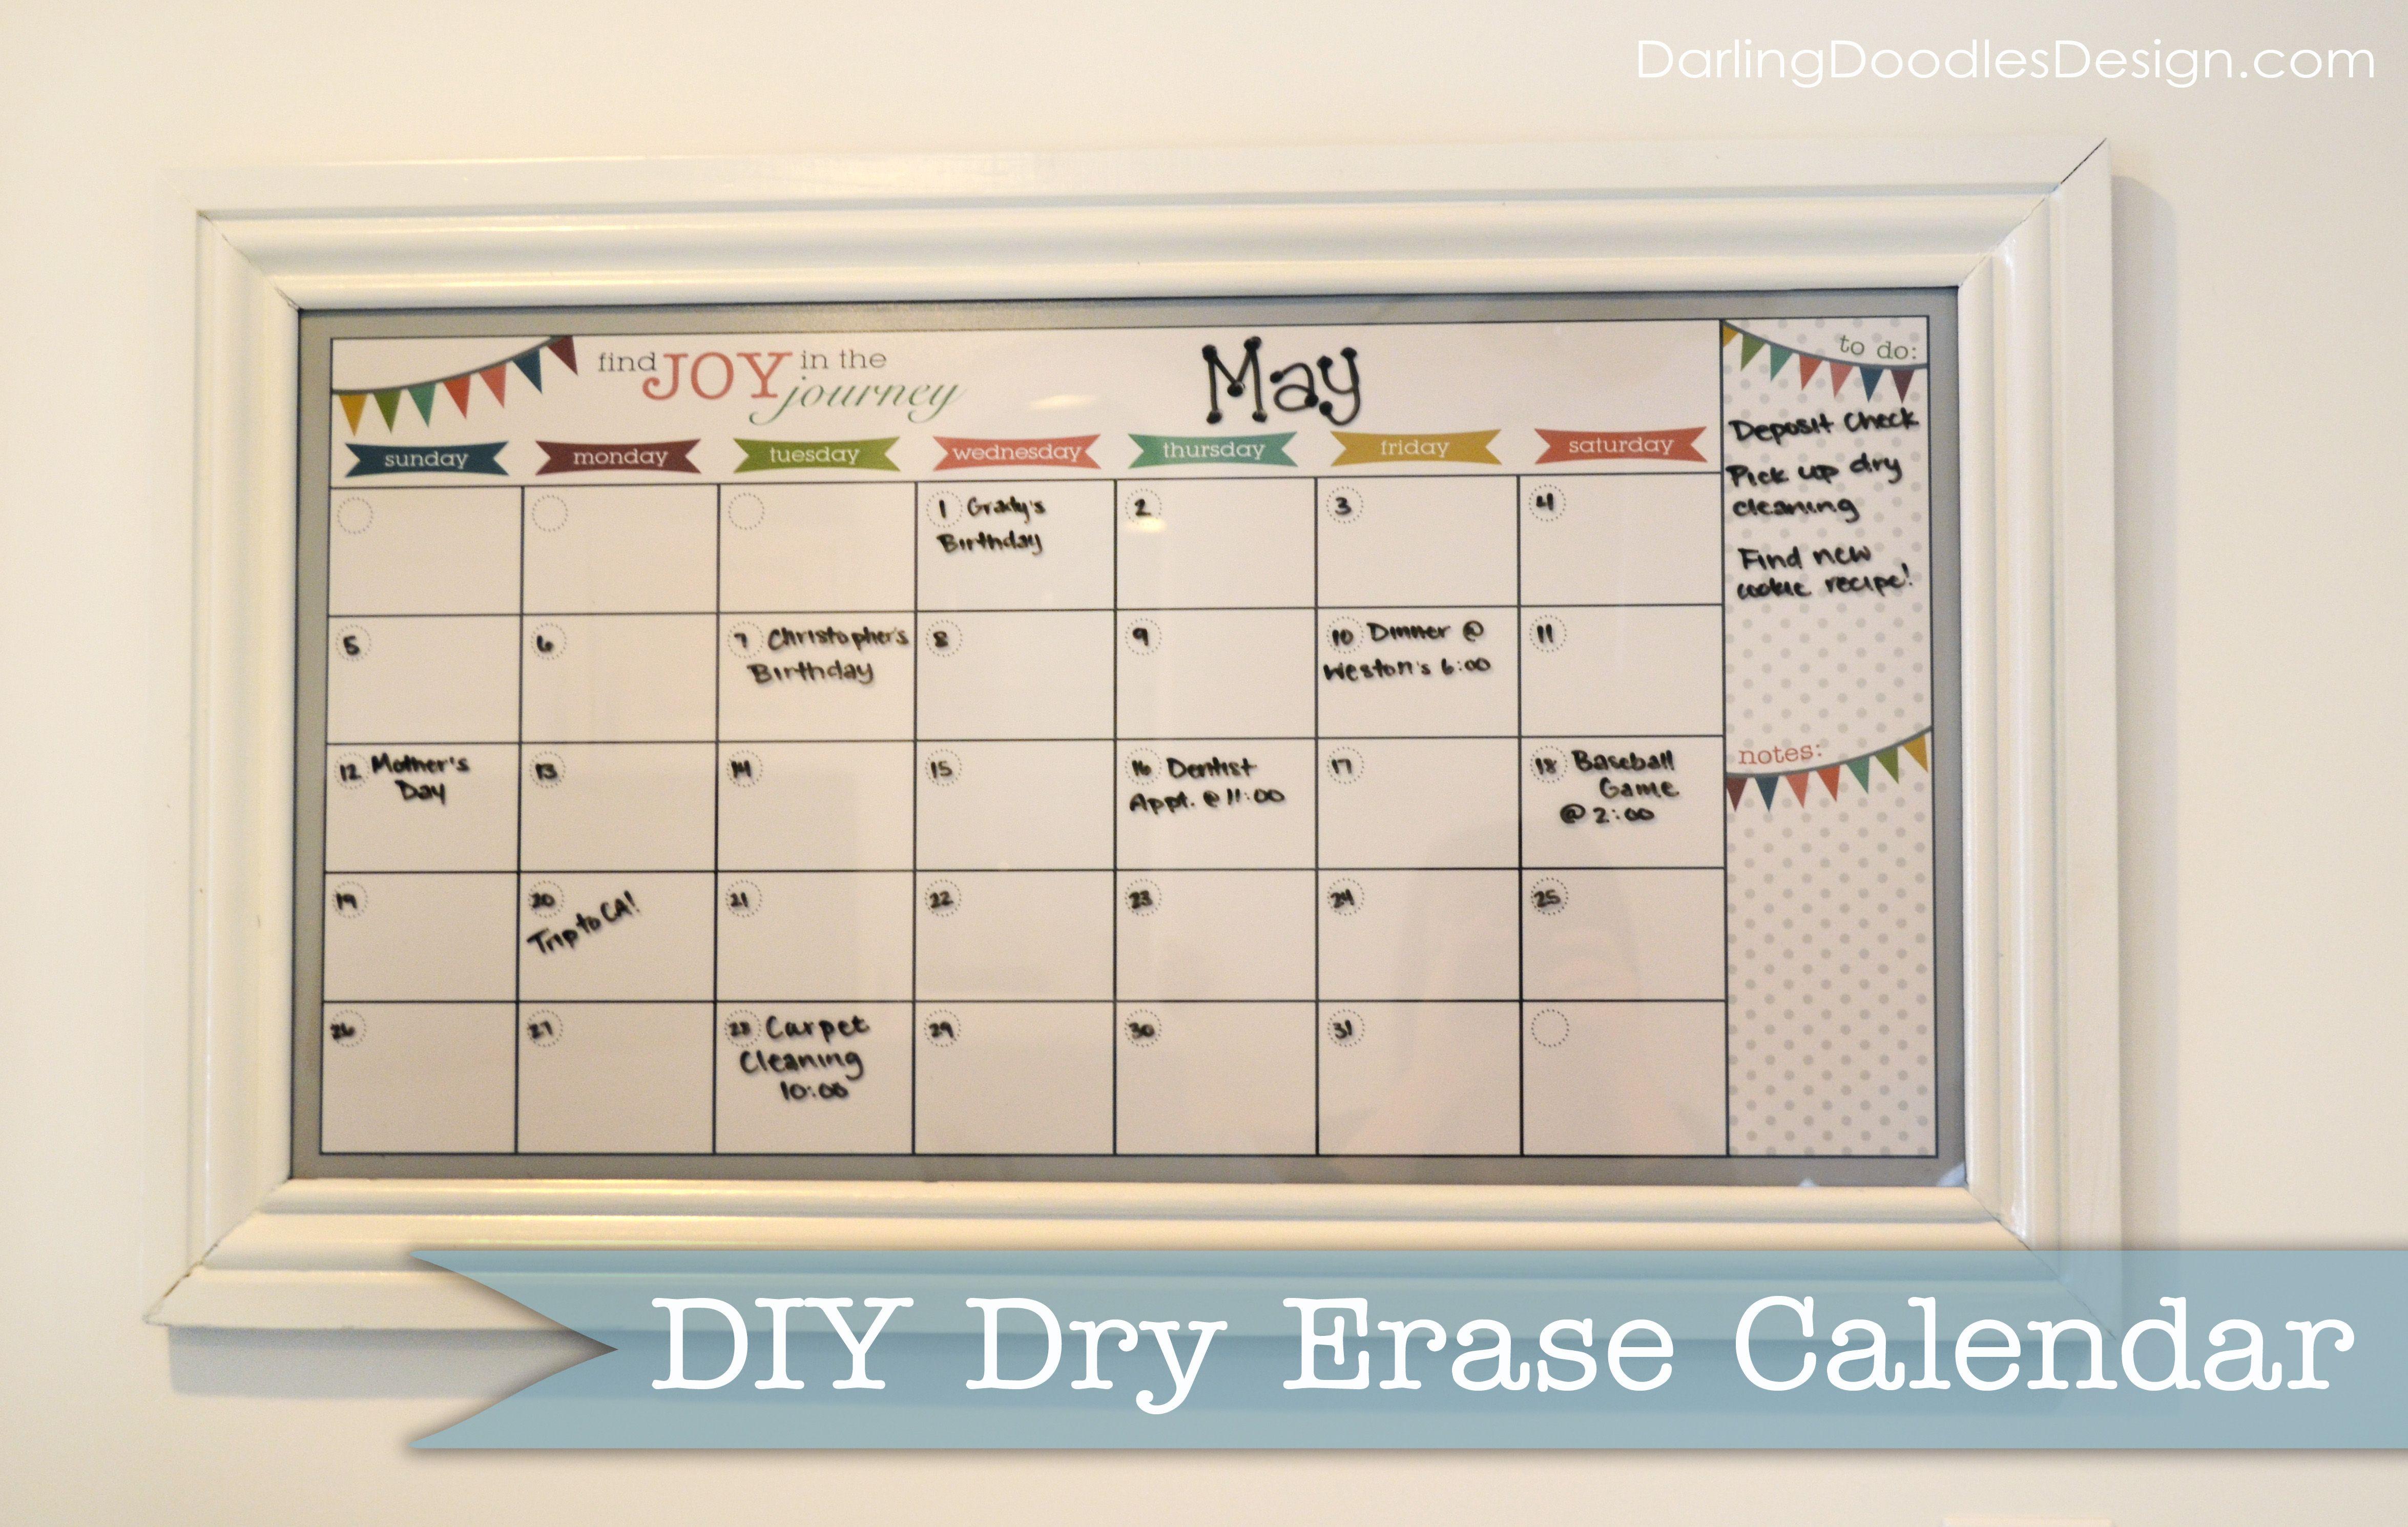 Diy Dry Erase Calendar Dry Erase Calendar Diy Calendar Diy